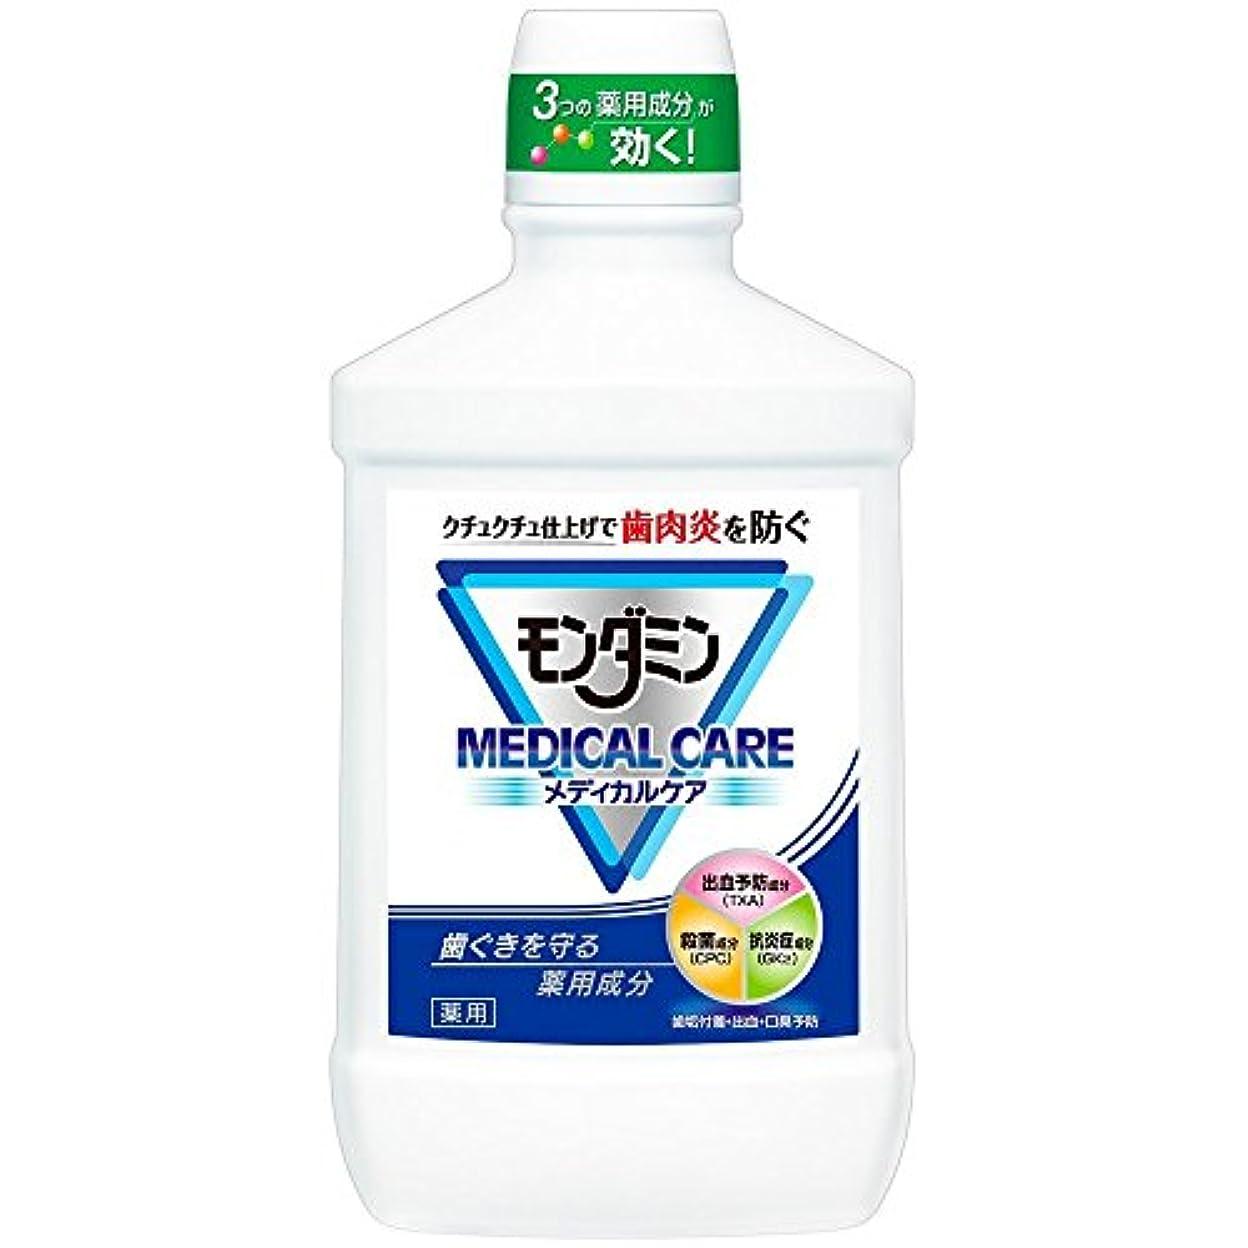 バット病院価値のない【アース製薬】モンダミン メディカルケア 1000ml ×3個セット